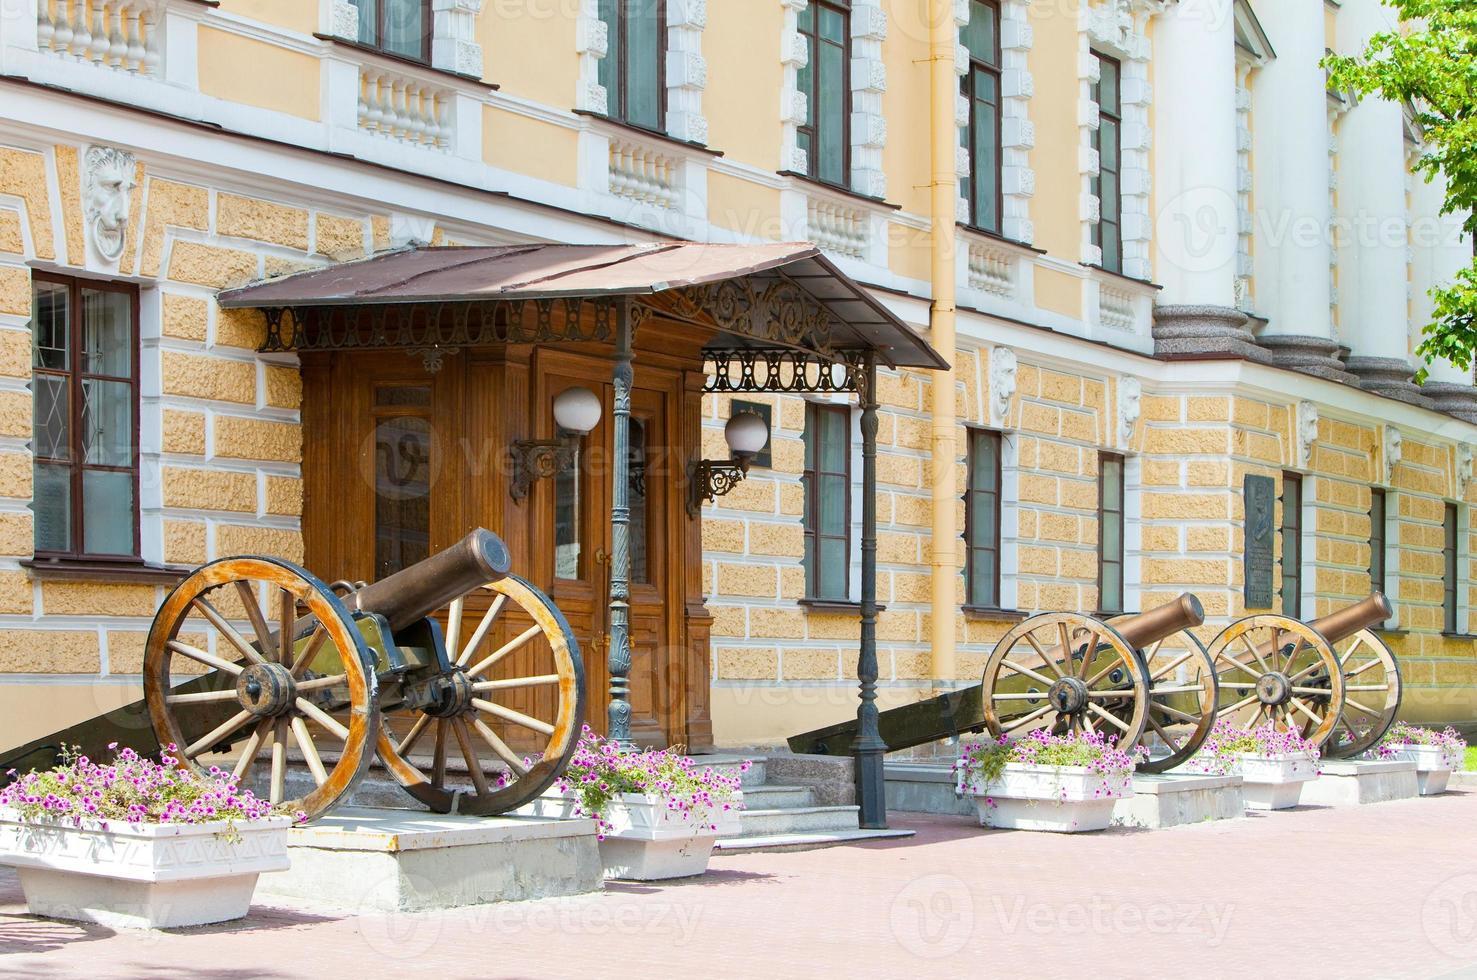 Collège militaire Konstantinovsky (l'artillerie supérieure) depuis 1857. Saint-Pétersbourg. Russie photo